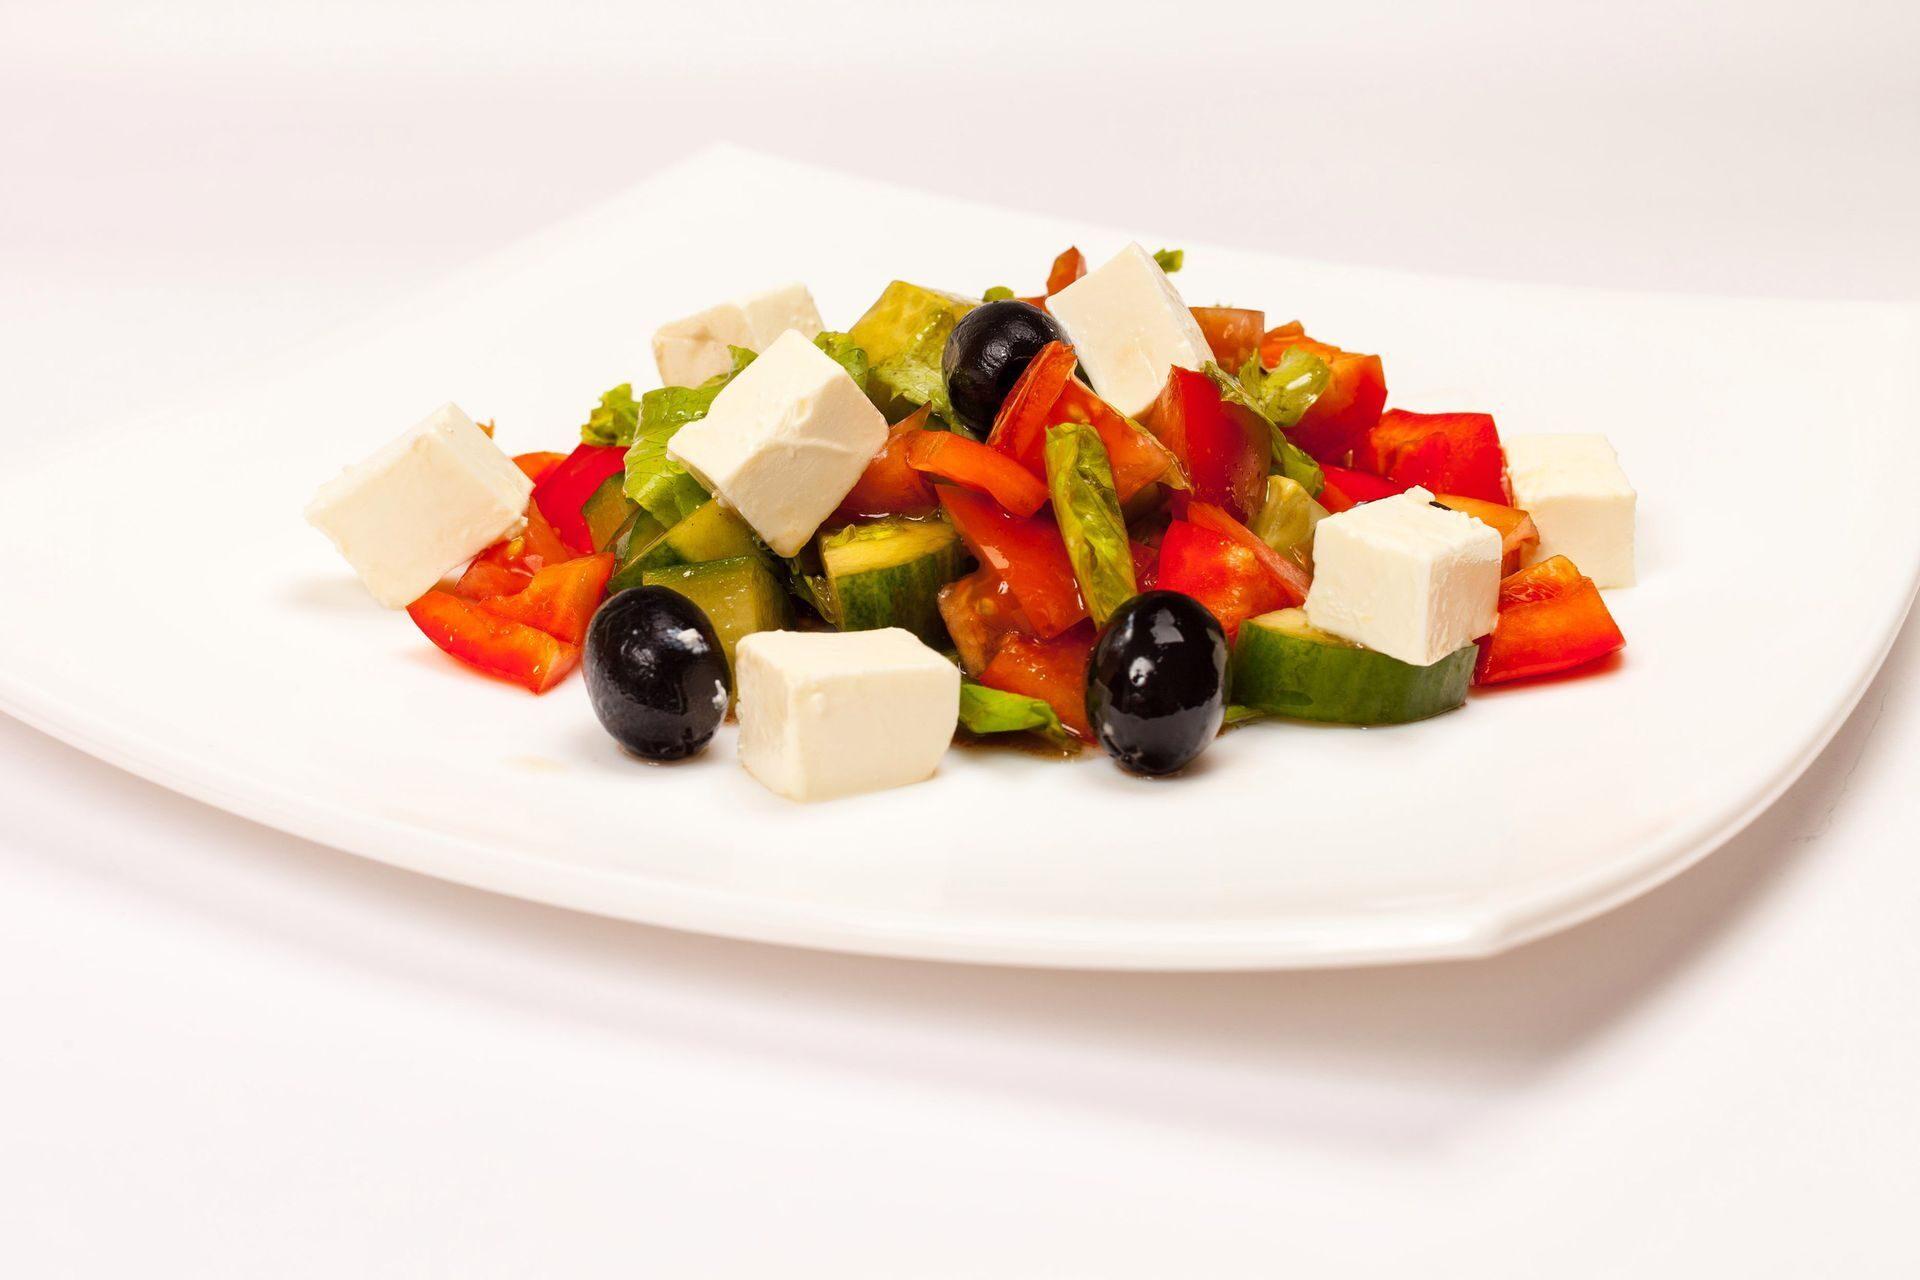 салат греческий рецепты с фото на повар ру каждого производителя